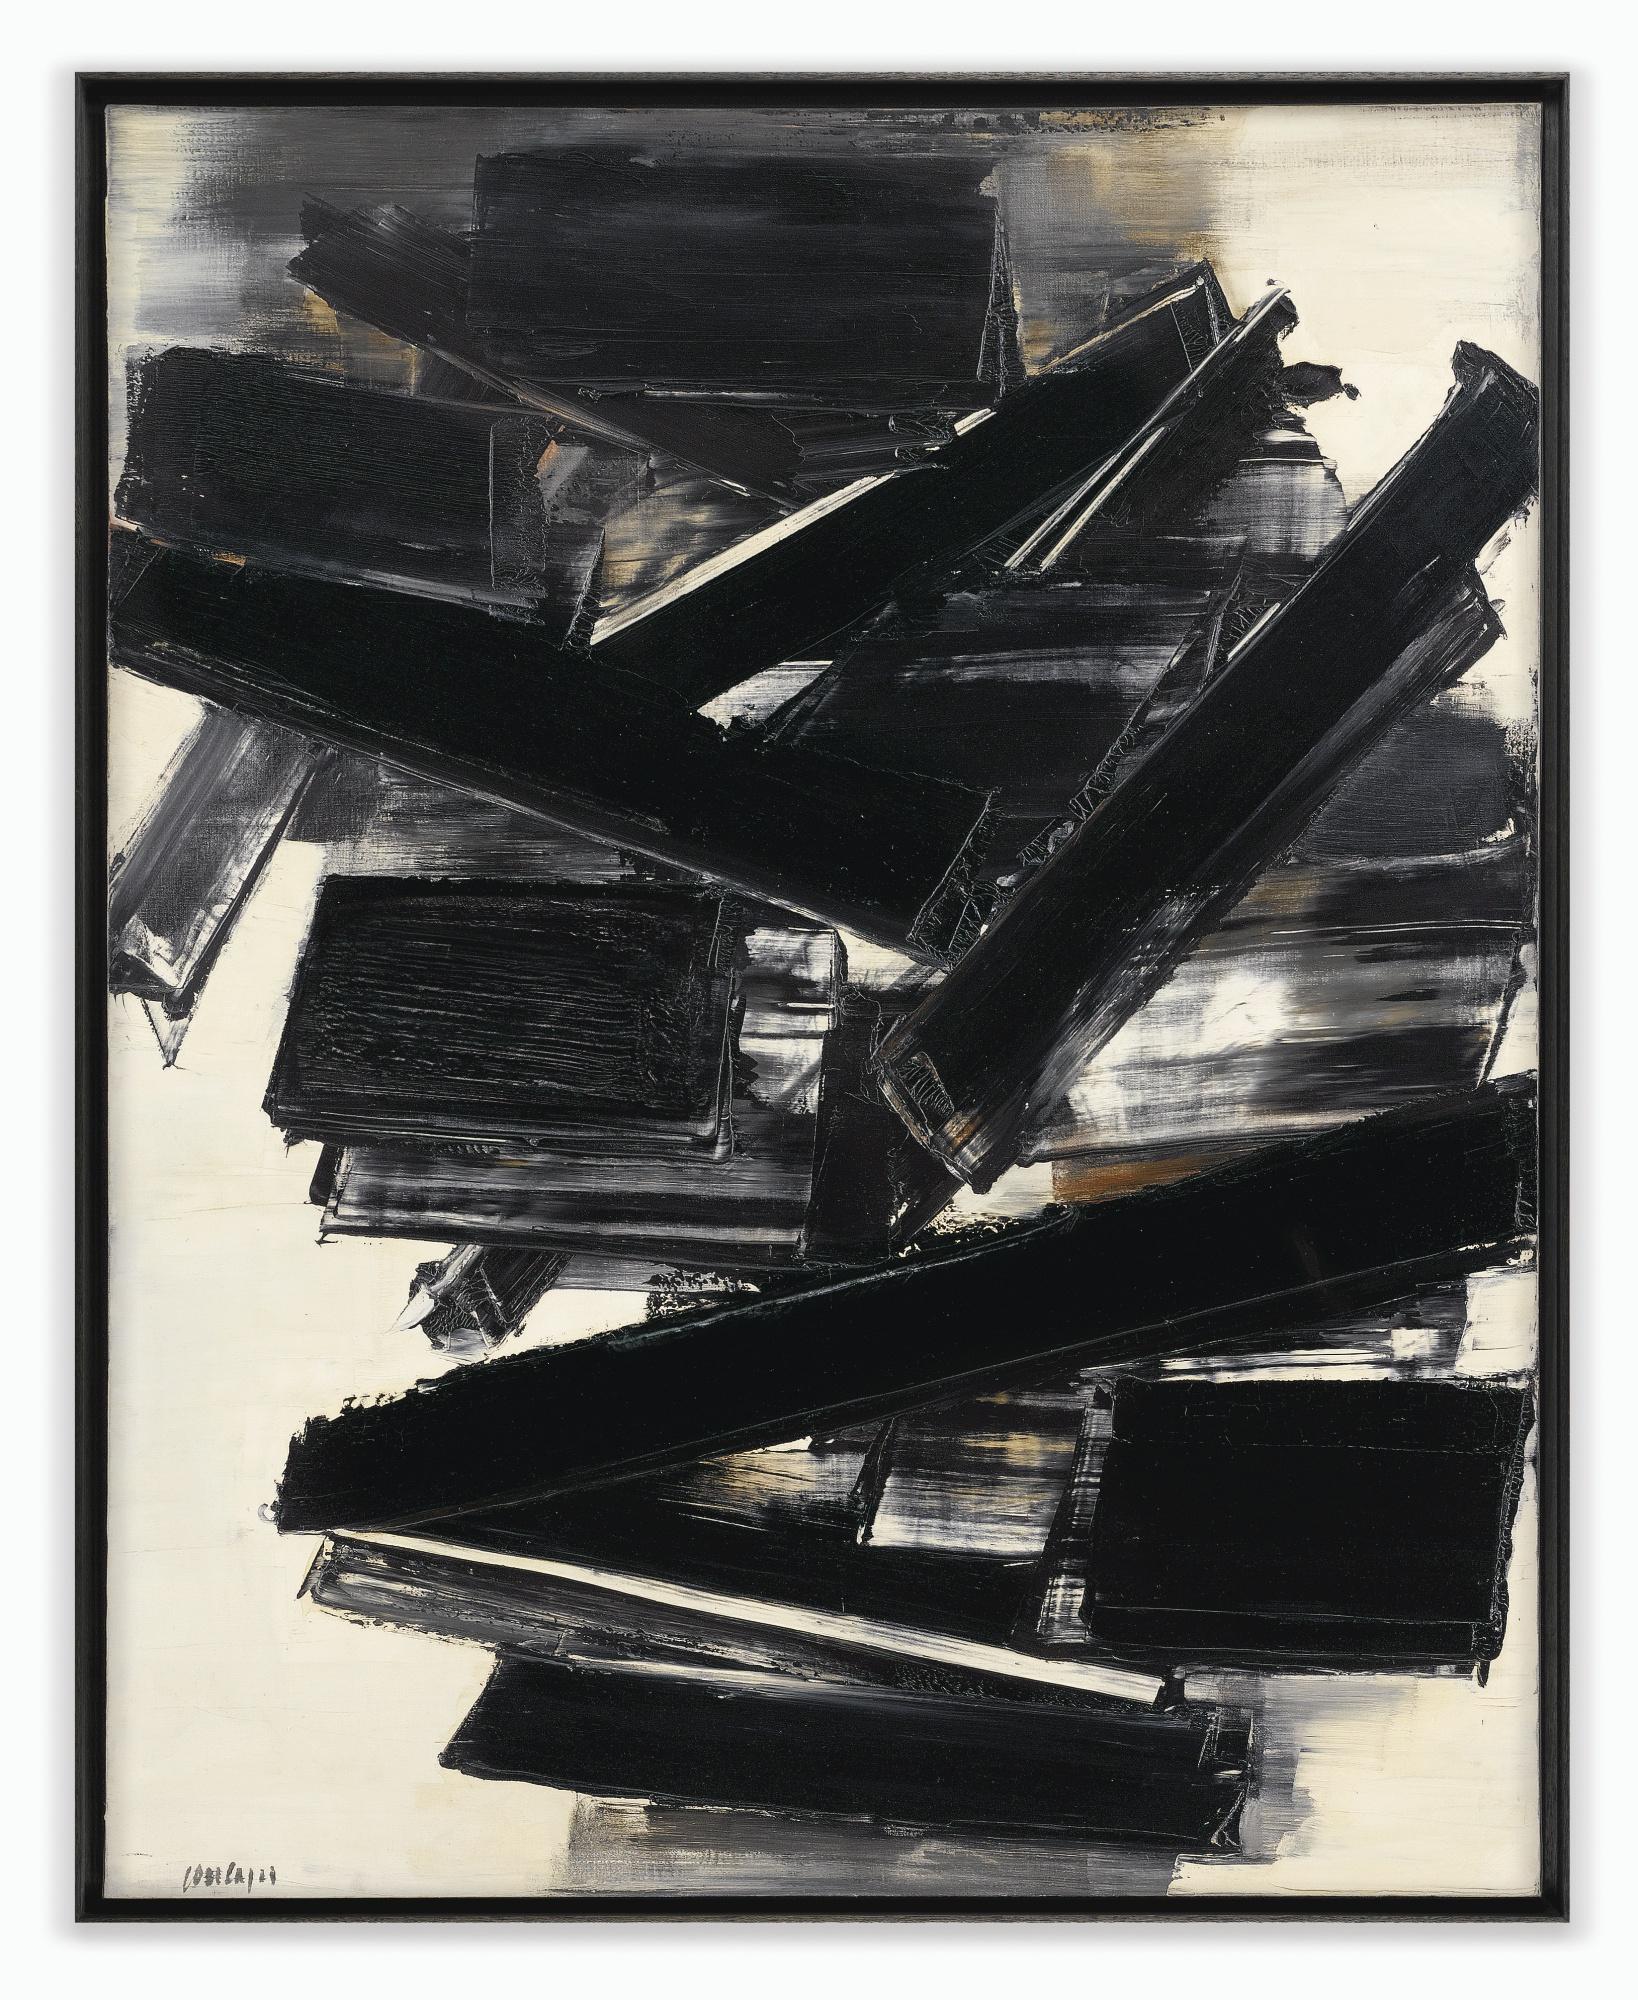 Pierre Soulages-Peinture 162 x 130 cm 14 Decembre 1958-1958